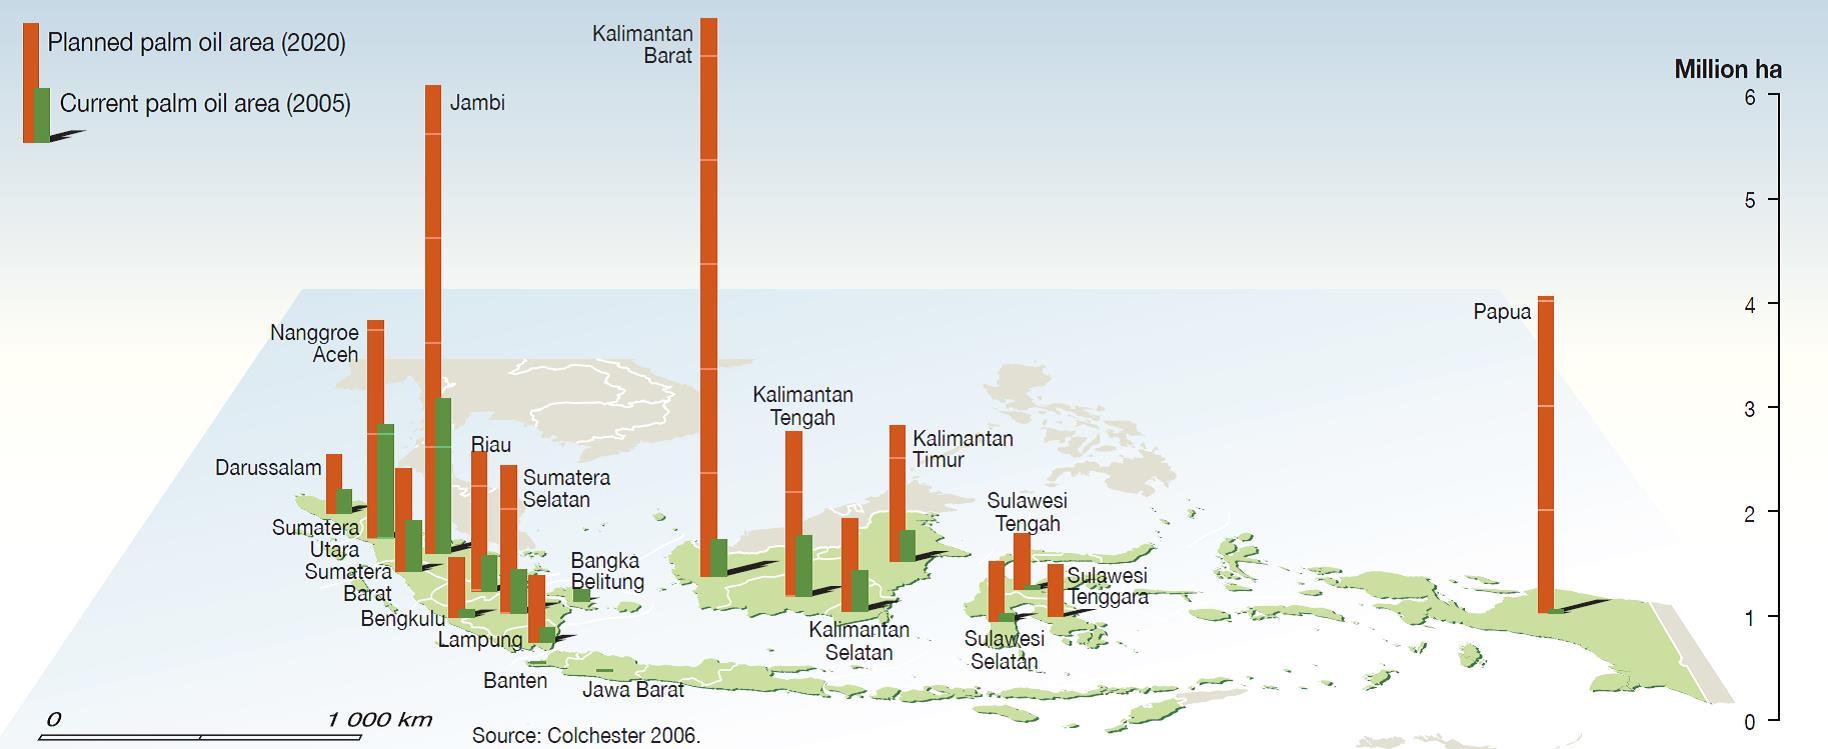 Aree previste per nuove piantagioni di palma da olio in Indonesia